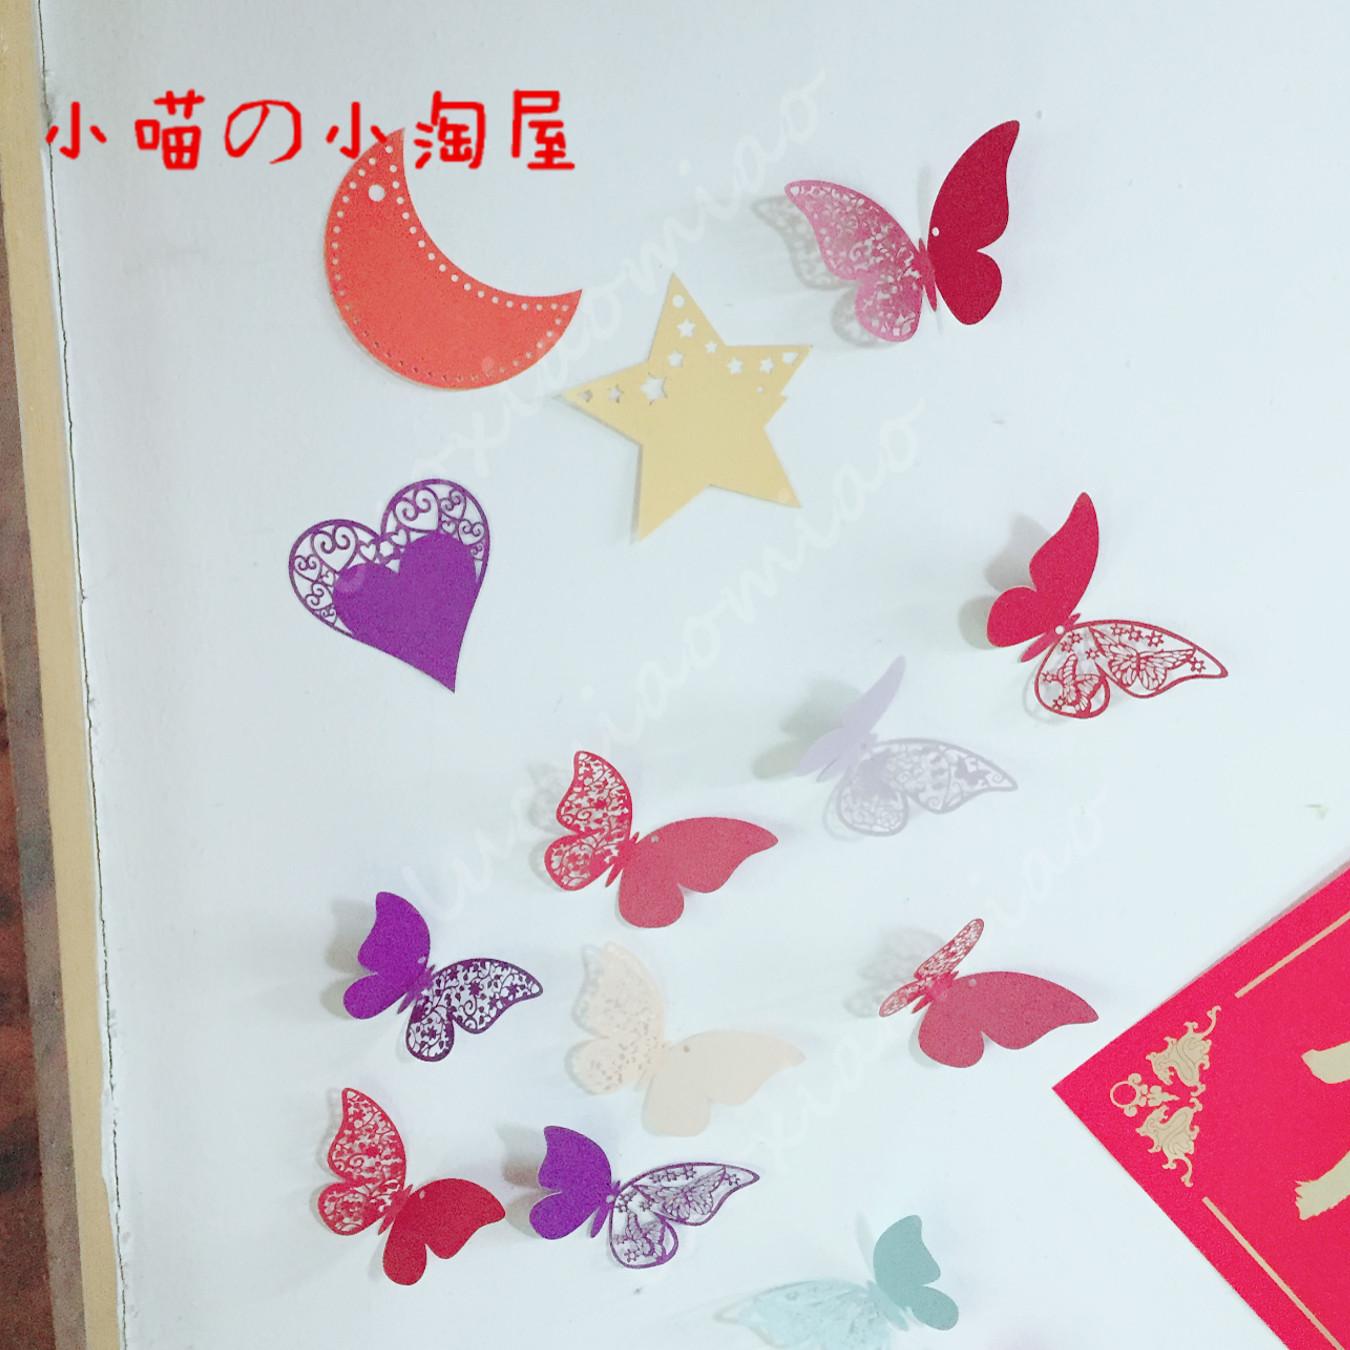 多款小鸟蝴蝶许愿卡吊卡 祝福心愿墙贴 留言卡感谢卡小卡片 50张